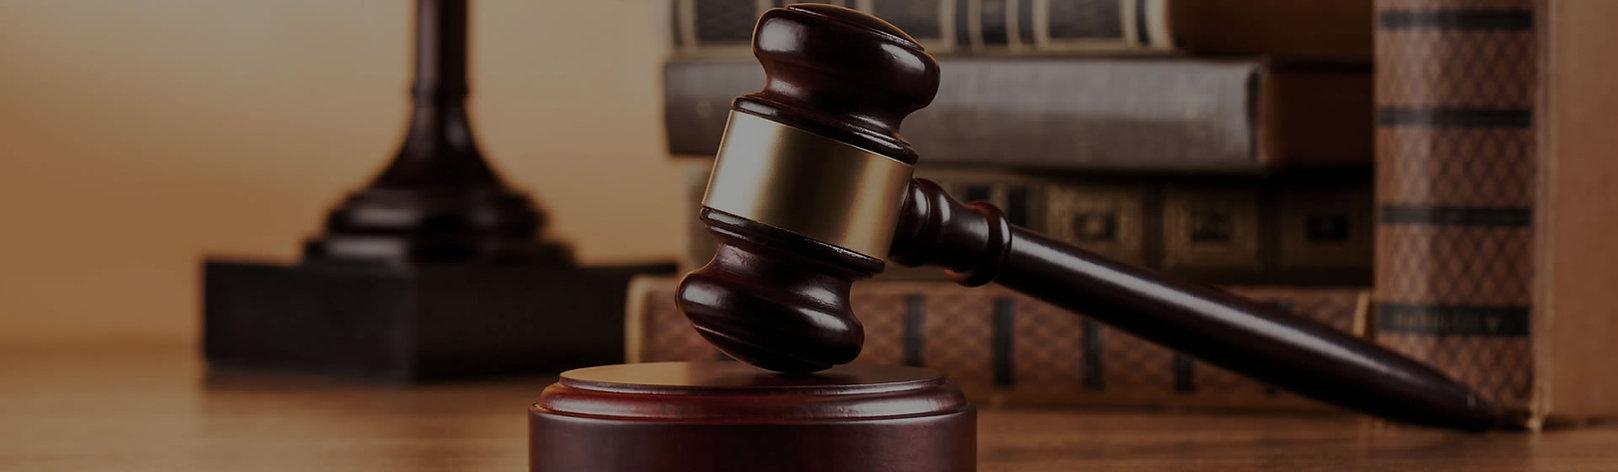 Antwoordservice voor advocaat.jpg